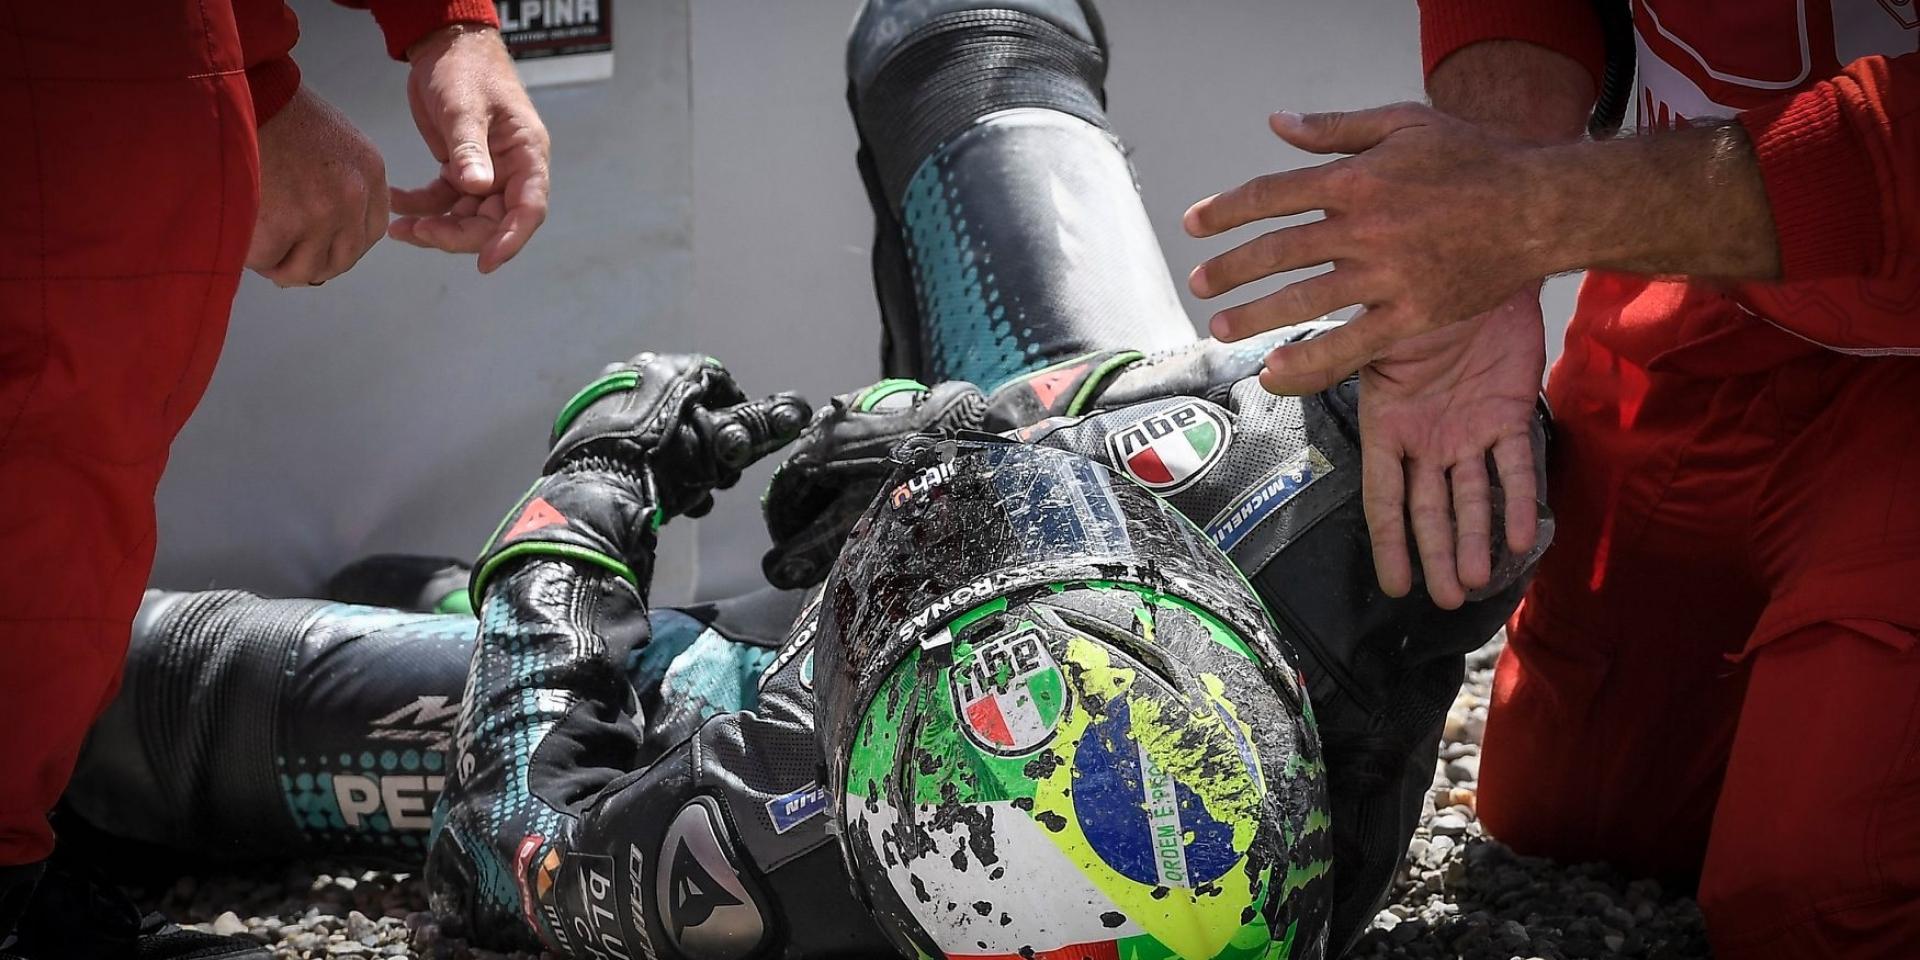 每次都有你?!Aleix Espargaro:我擔心Rossi的生命安全,但Johann Zarco總是會參與到賽道事故!